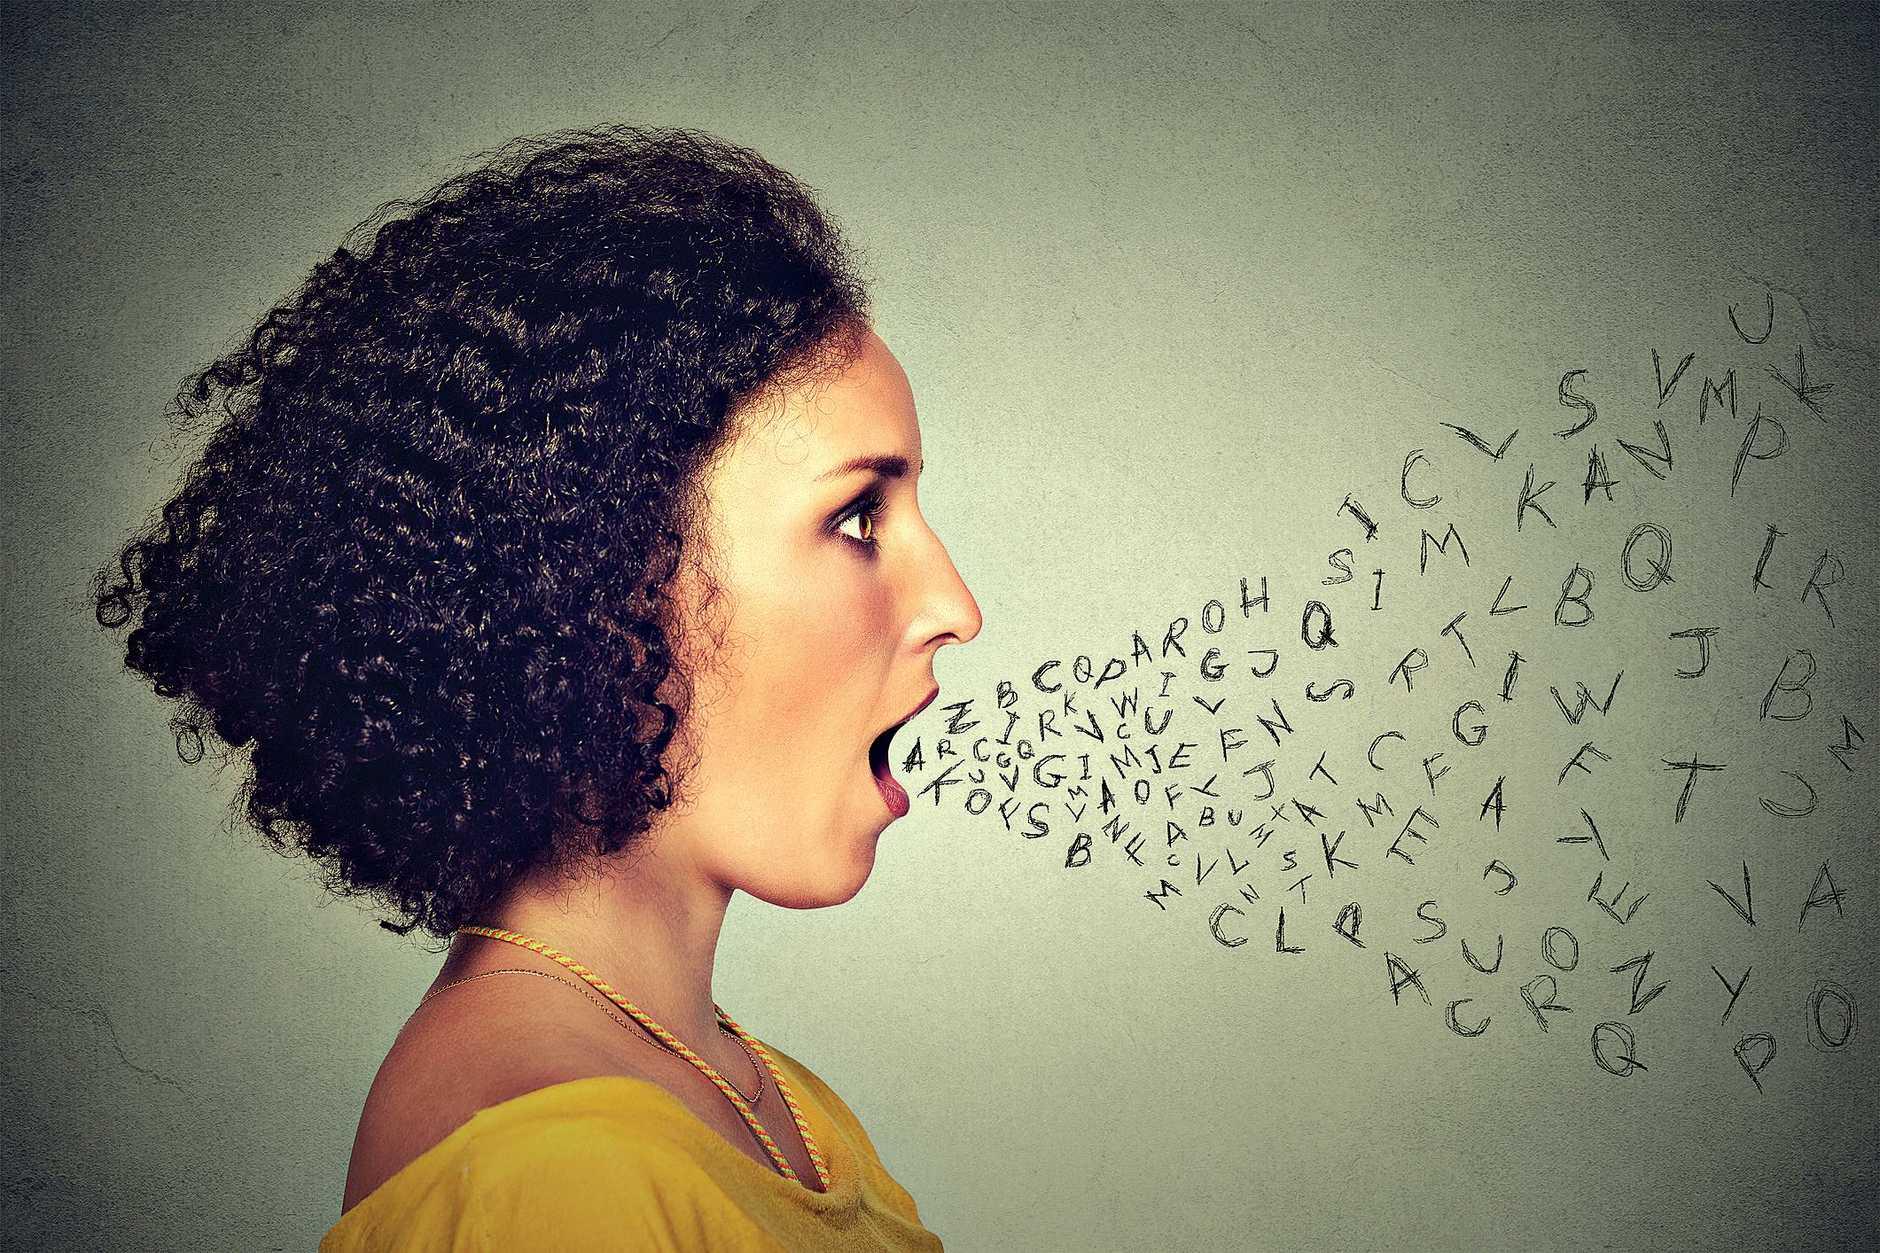 Почему именно низкий голос создает впечатление